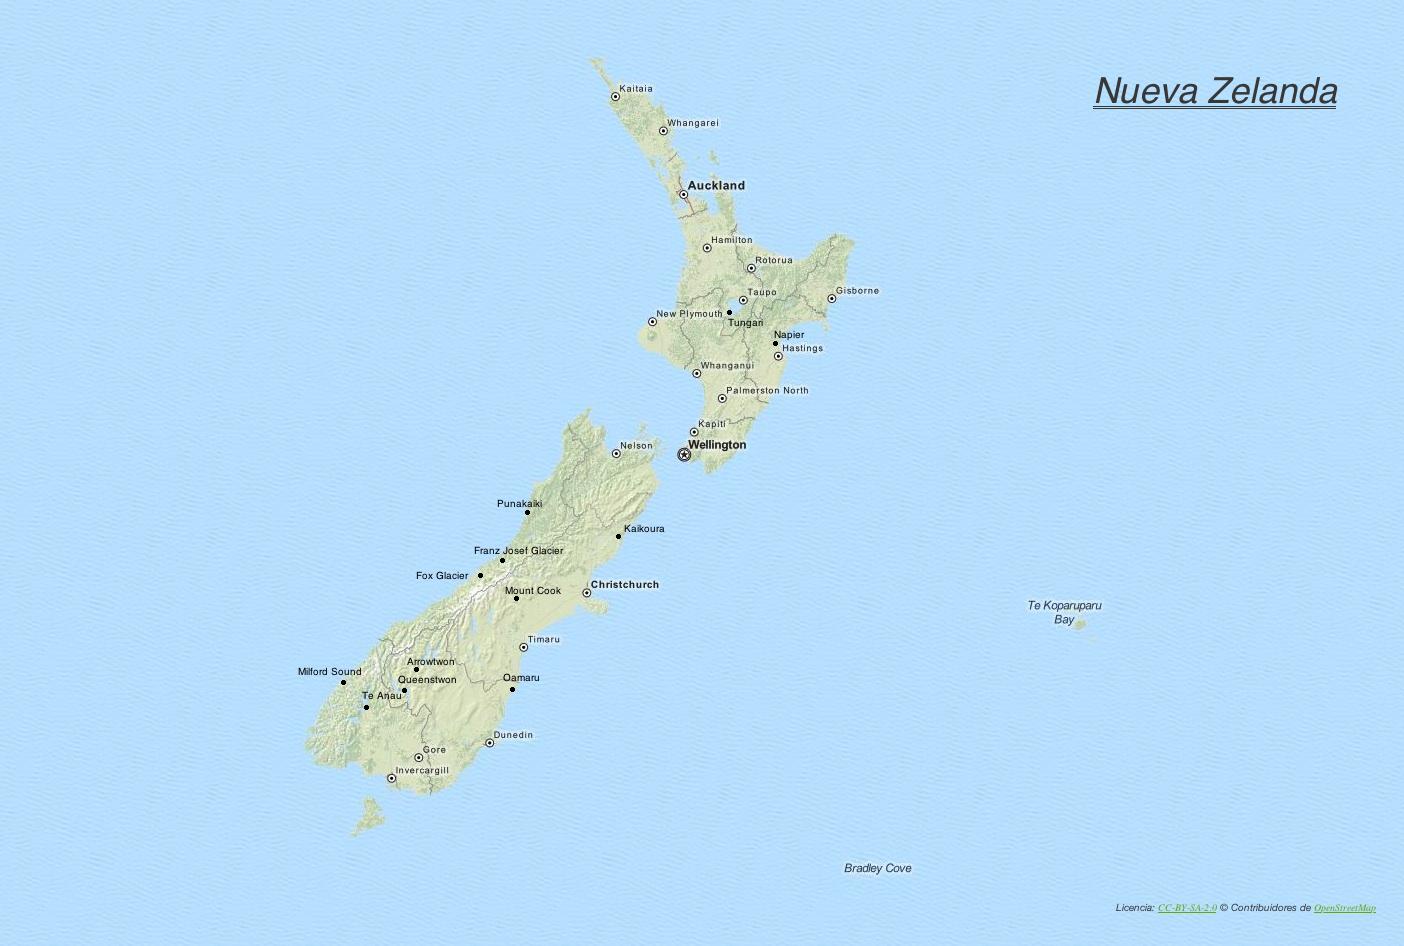 Itinerario de Nueva Zelanda y Fiji.